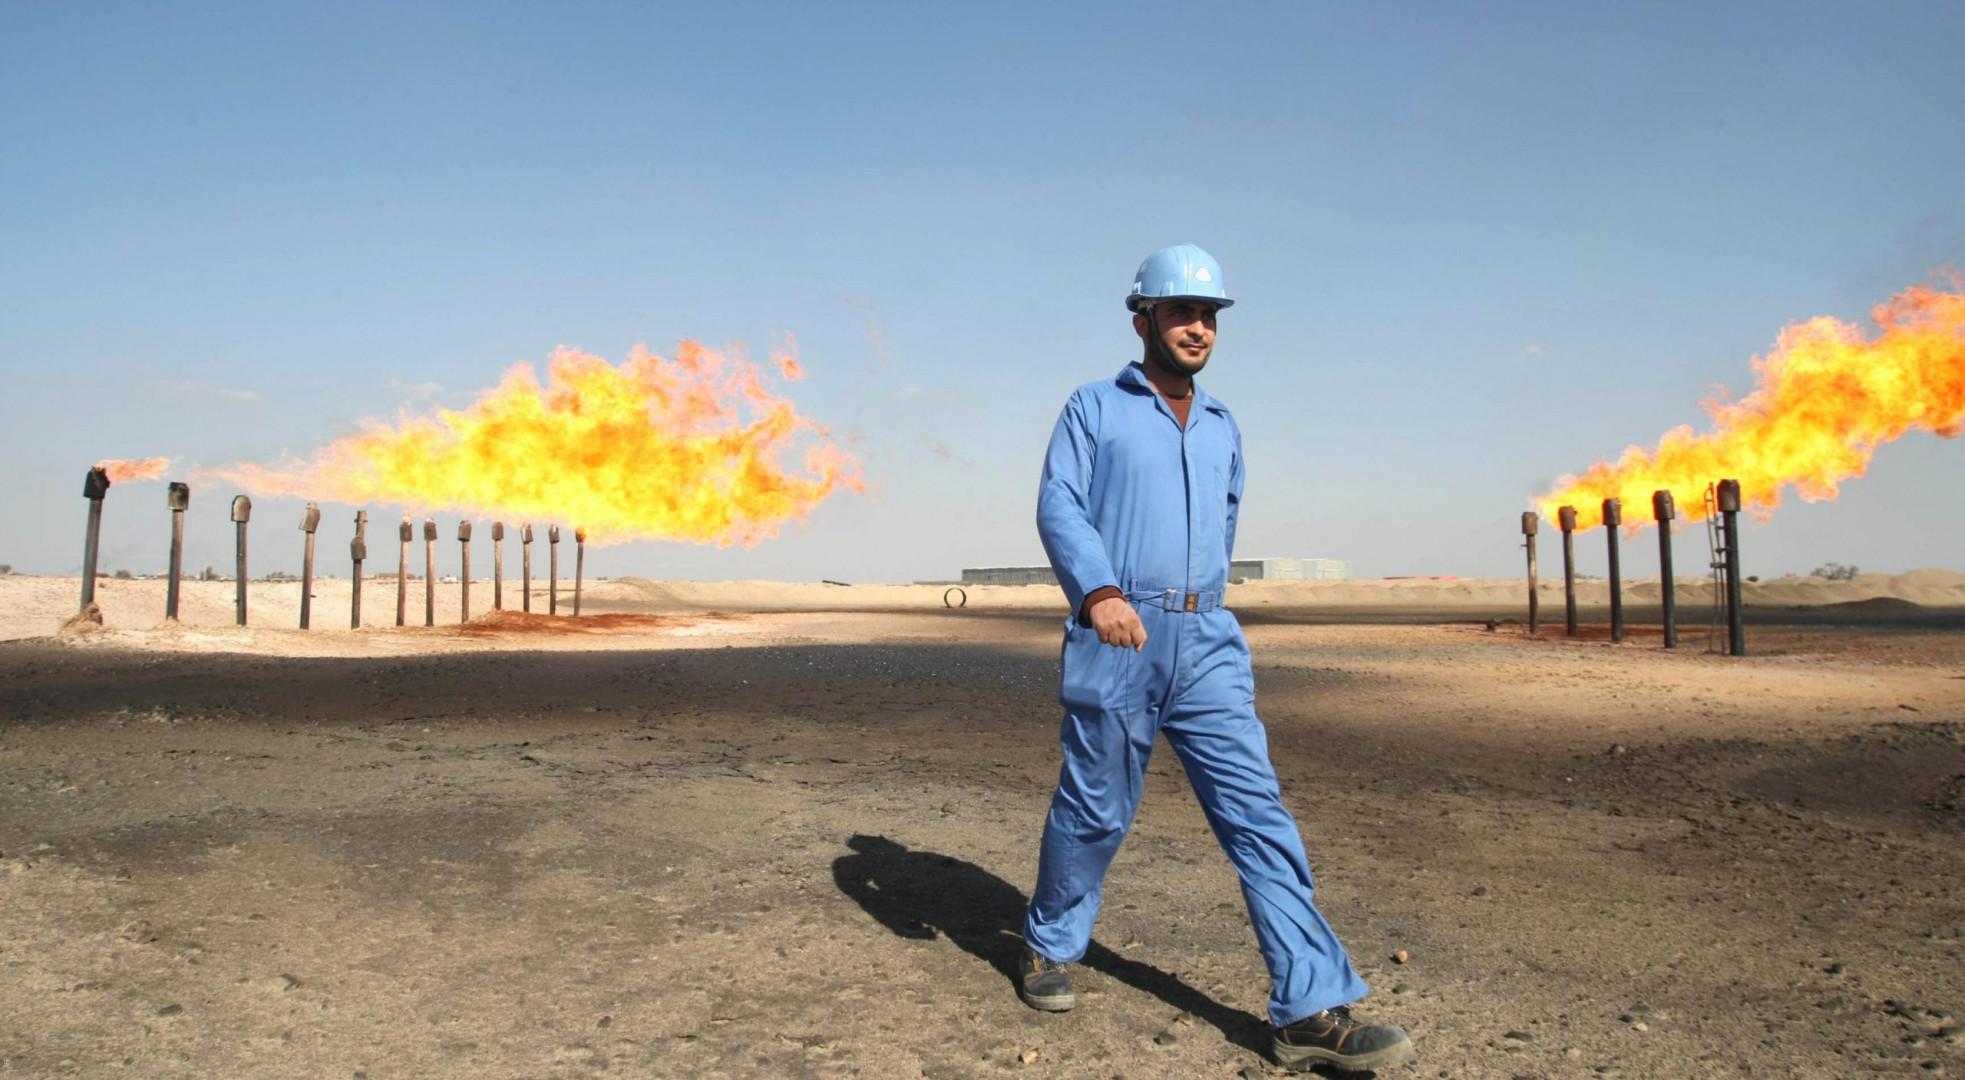 أسعار النفط تلامس 60 دولاراً